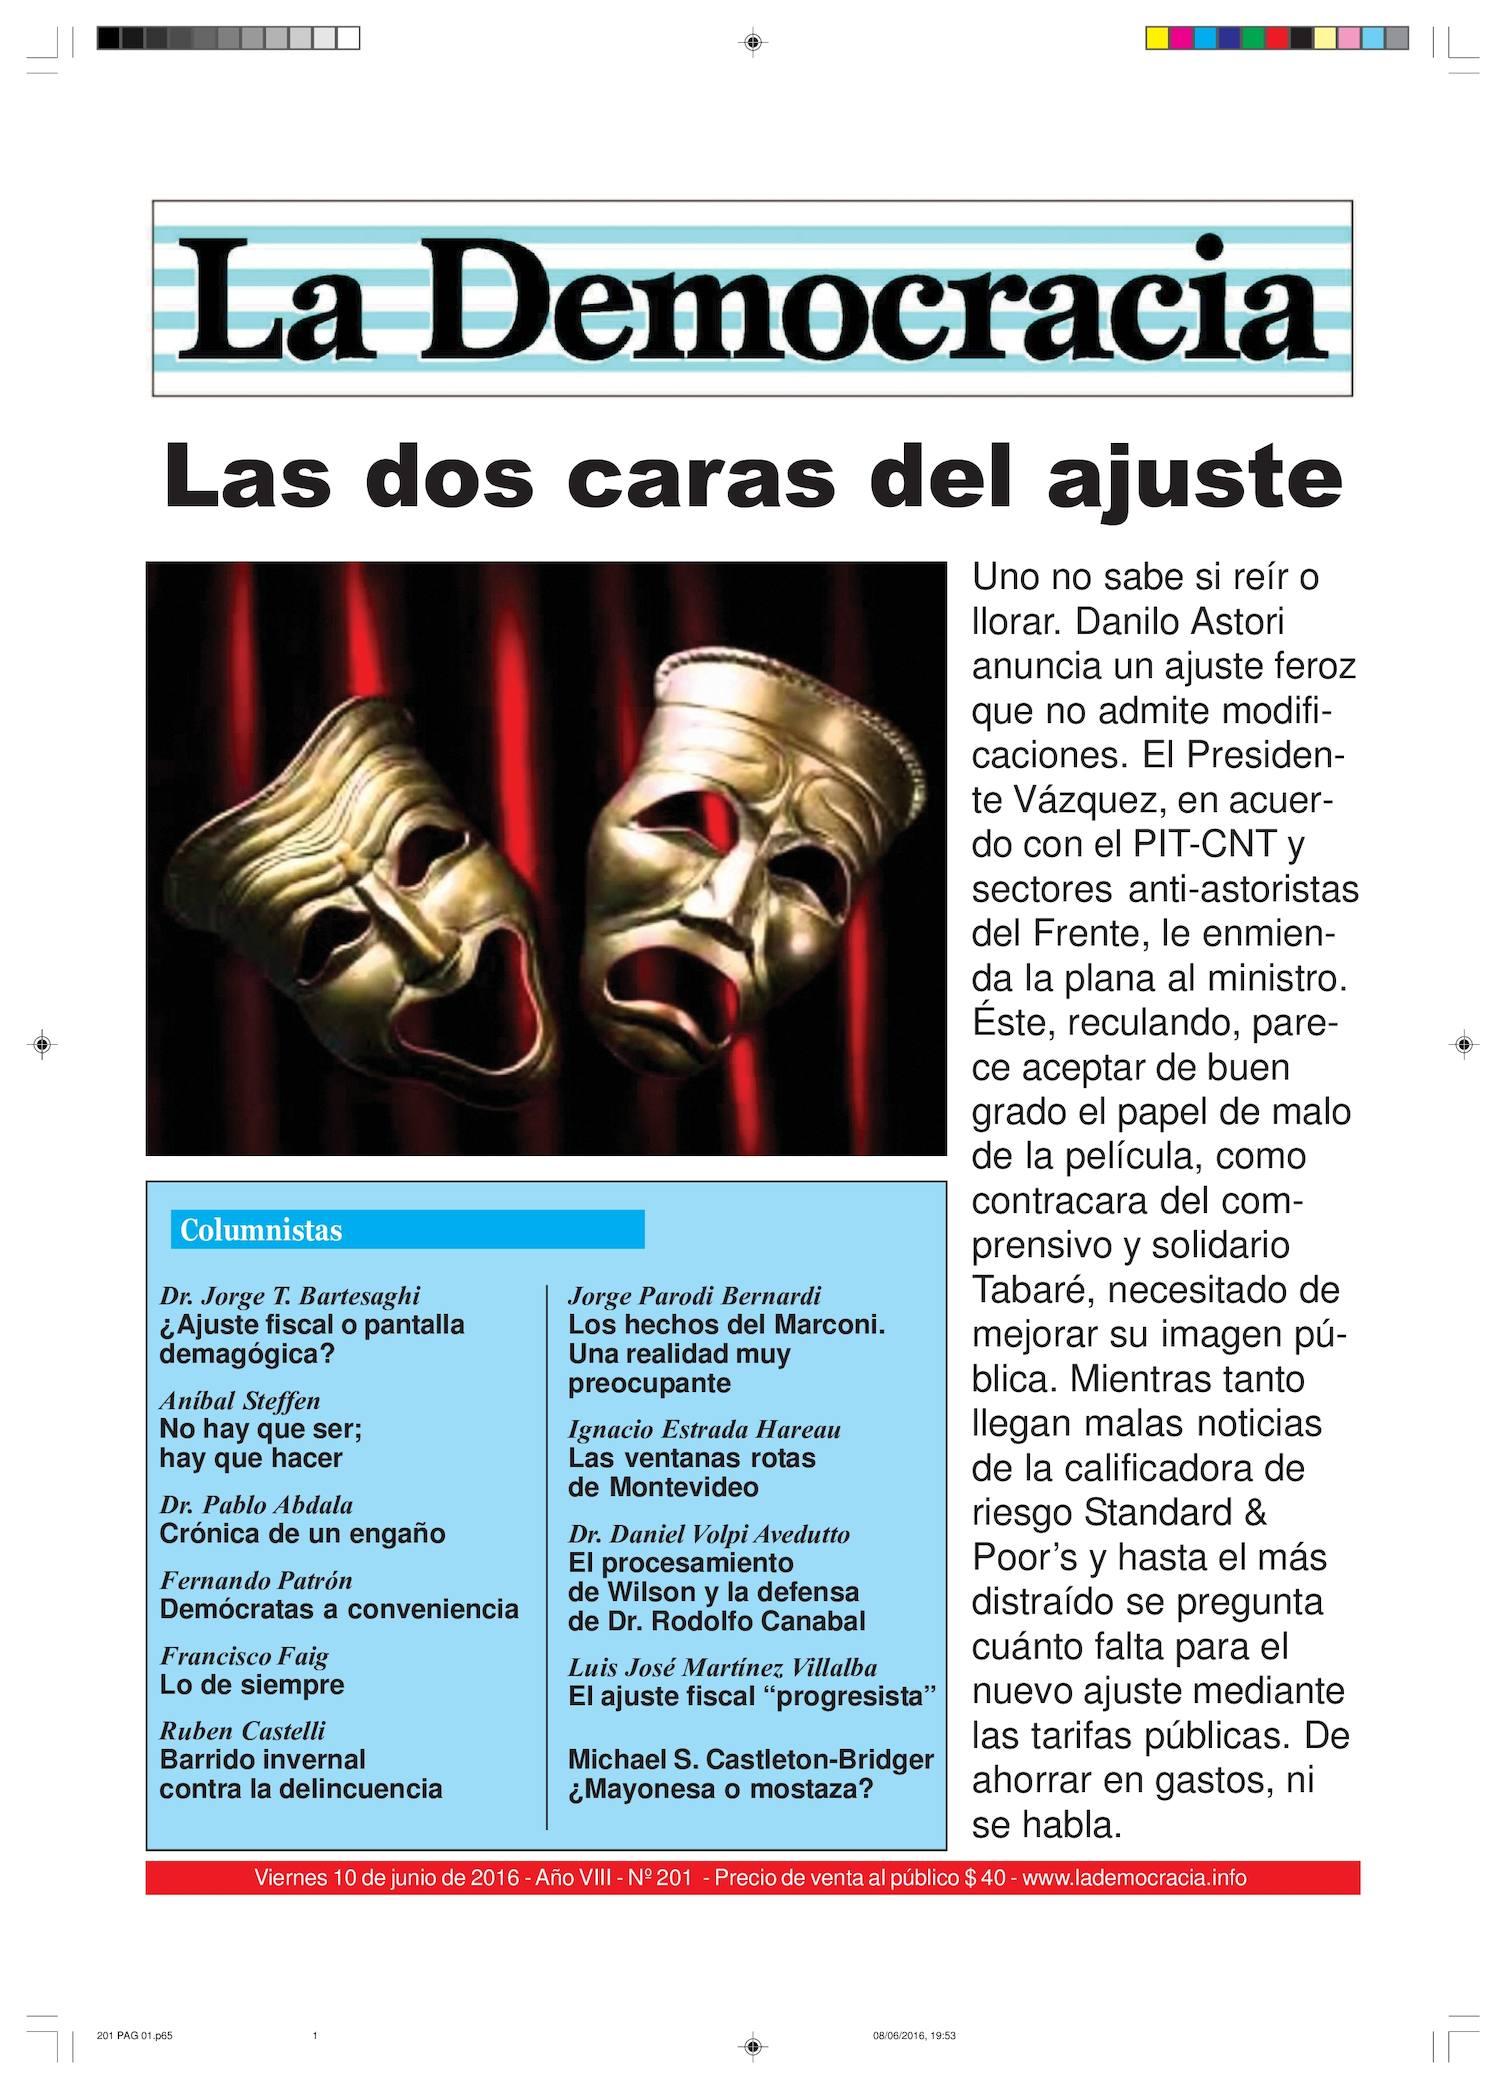 Calaméo - La Democracia - 10 6 16 - Nº 201 32ee01a707e